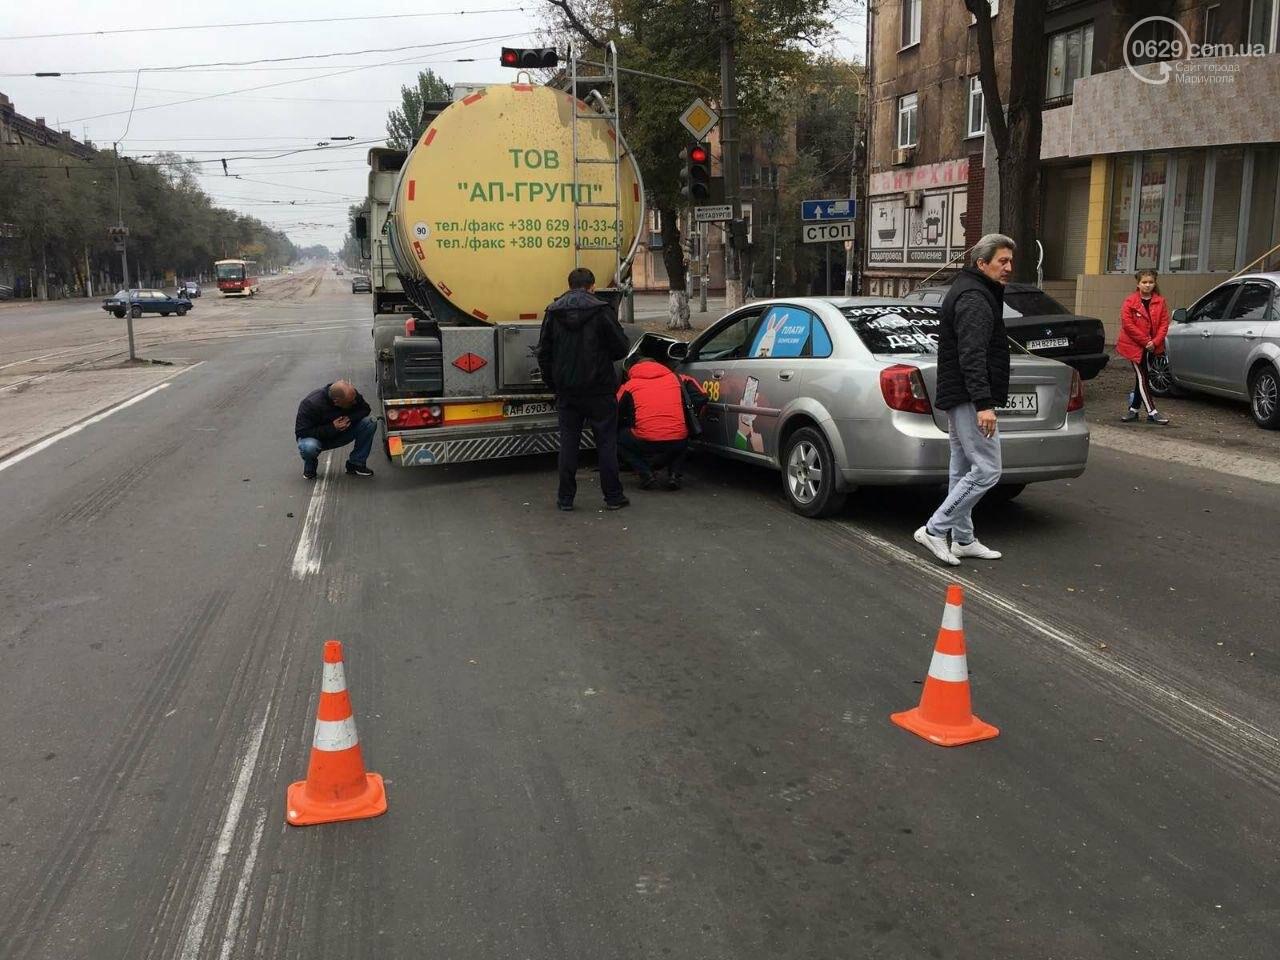 В Мариуполе такси врезалось в фуру с маслом, - ФОТО, фото-1